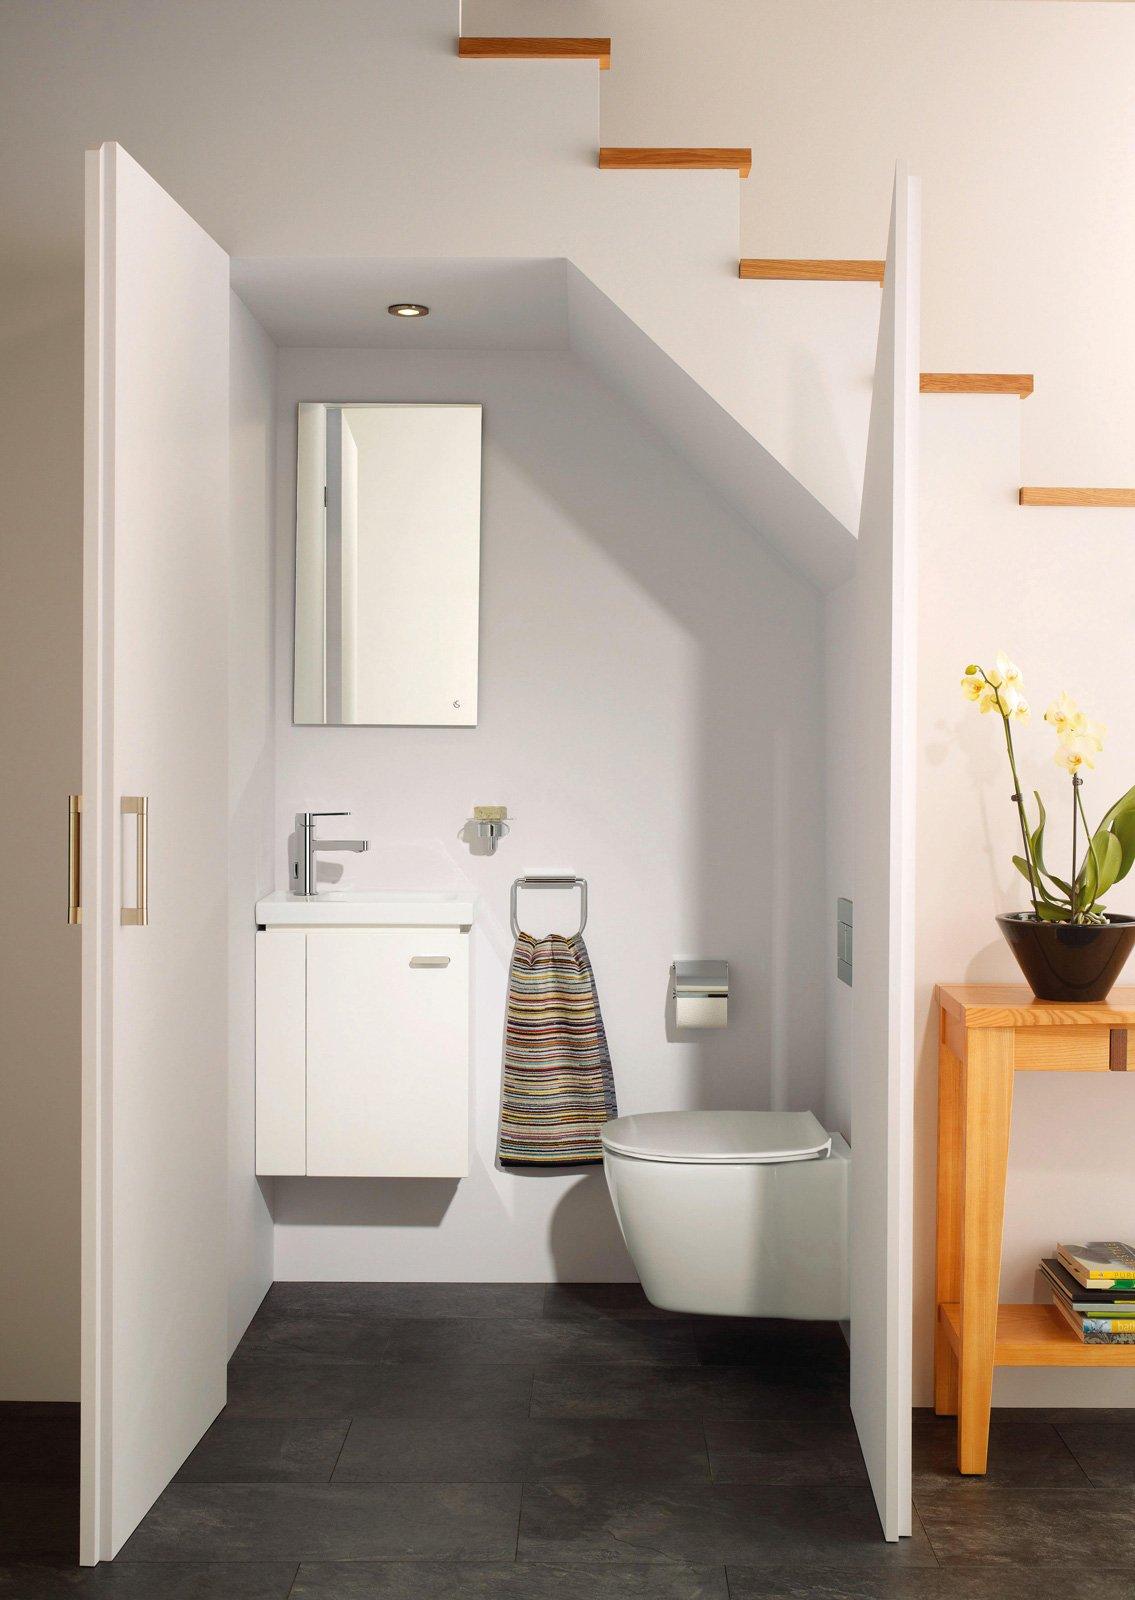 bagno con lavamani connect space di ideal standard da 45 cm versione sinistra